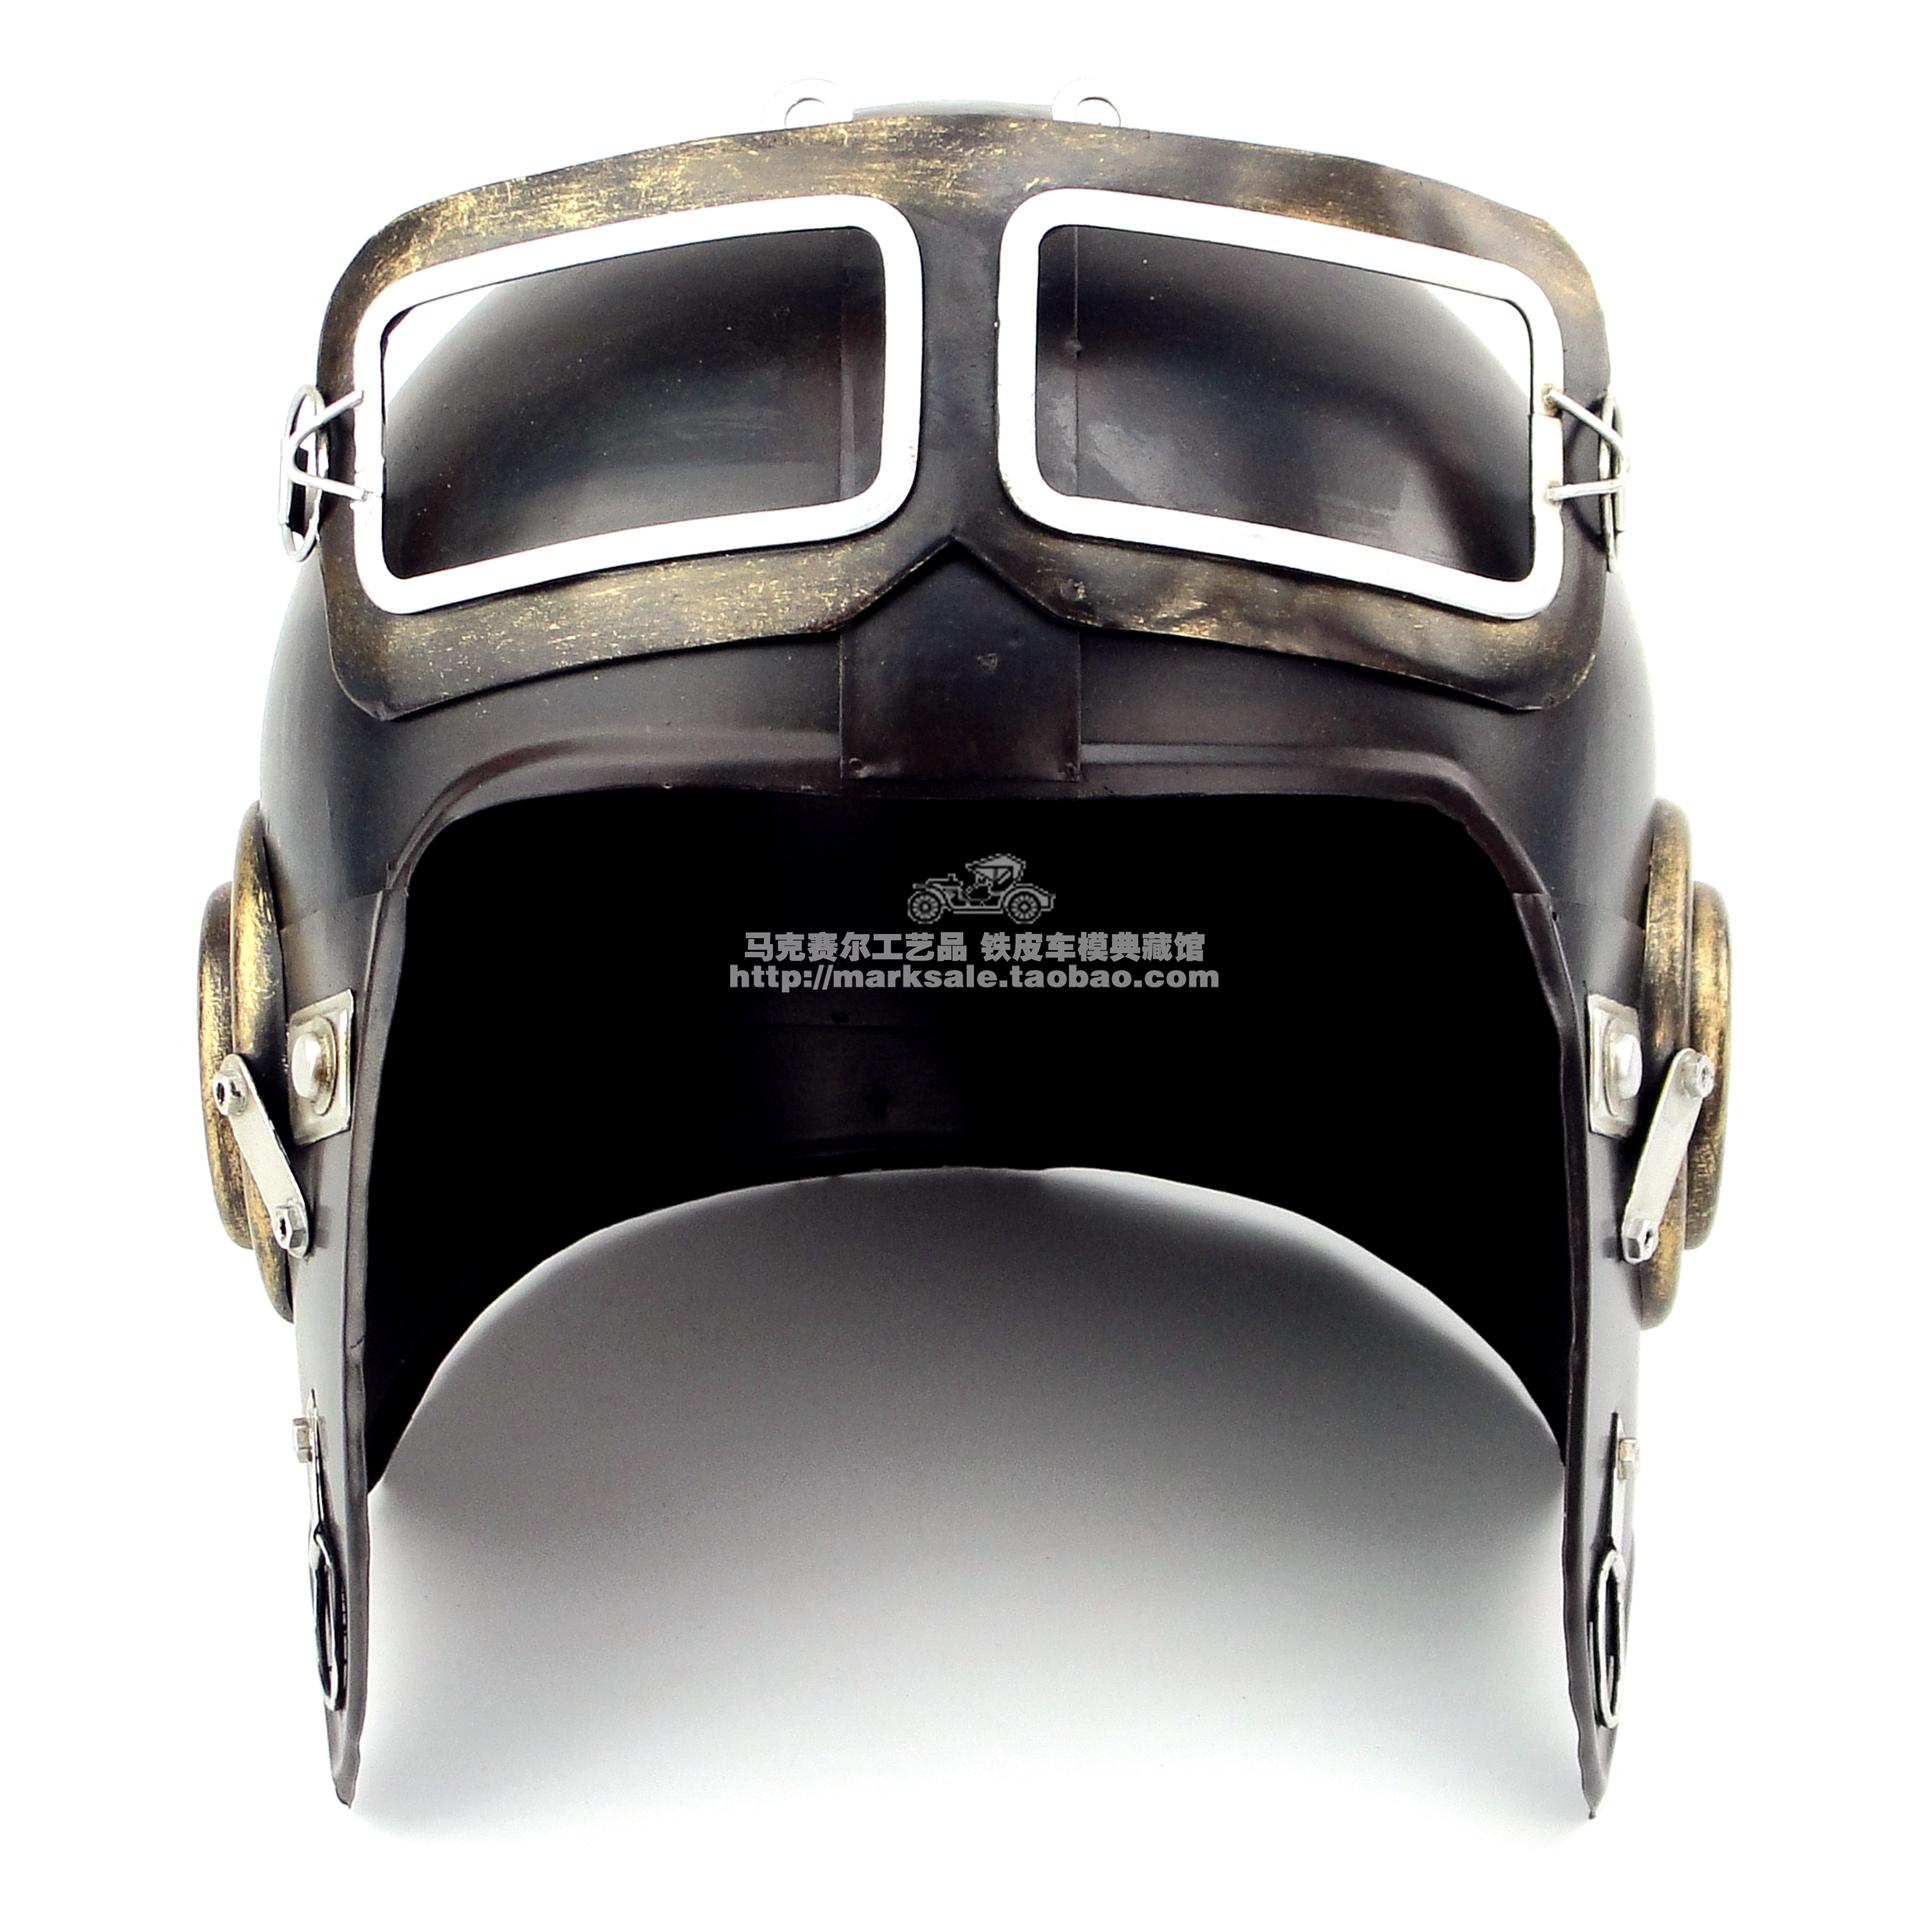 二战美军飞行员帽子复古美式风格装饰铁艺仿古做旧工艺品餐厅装饰图片